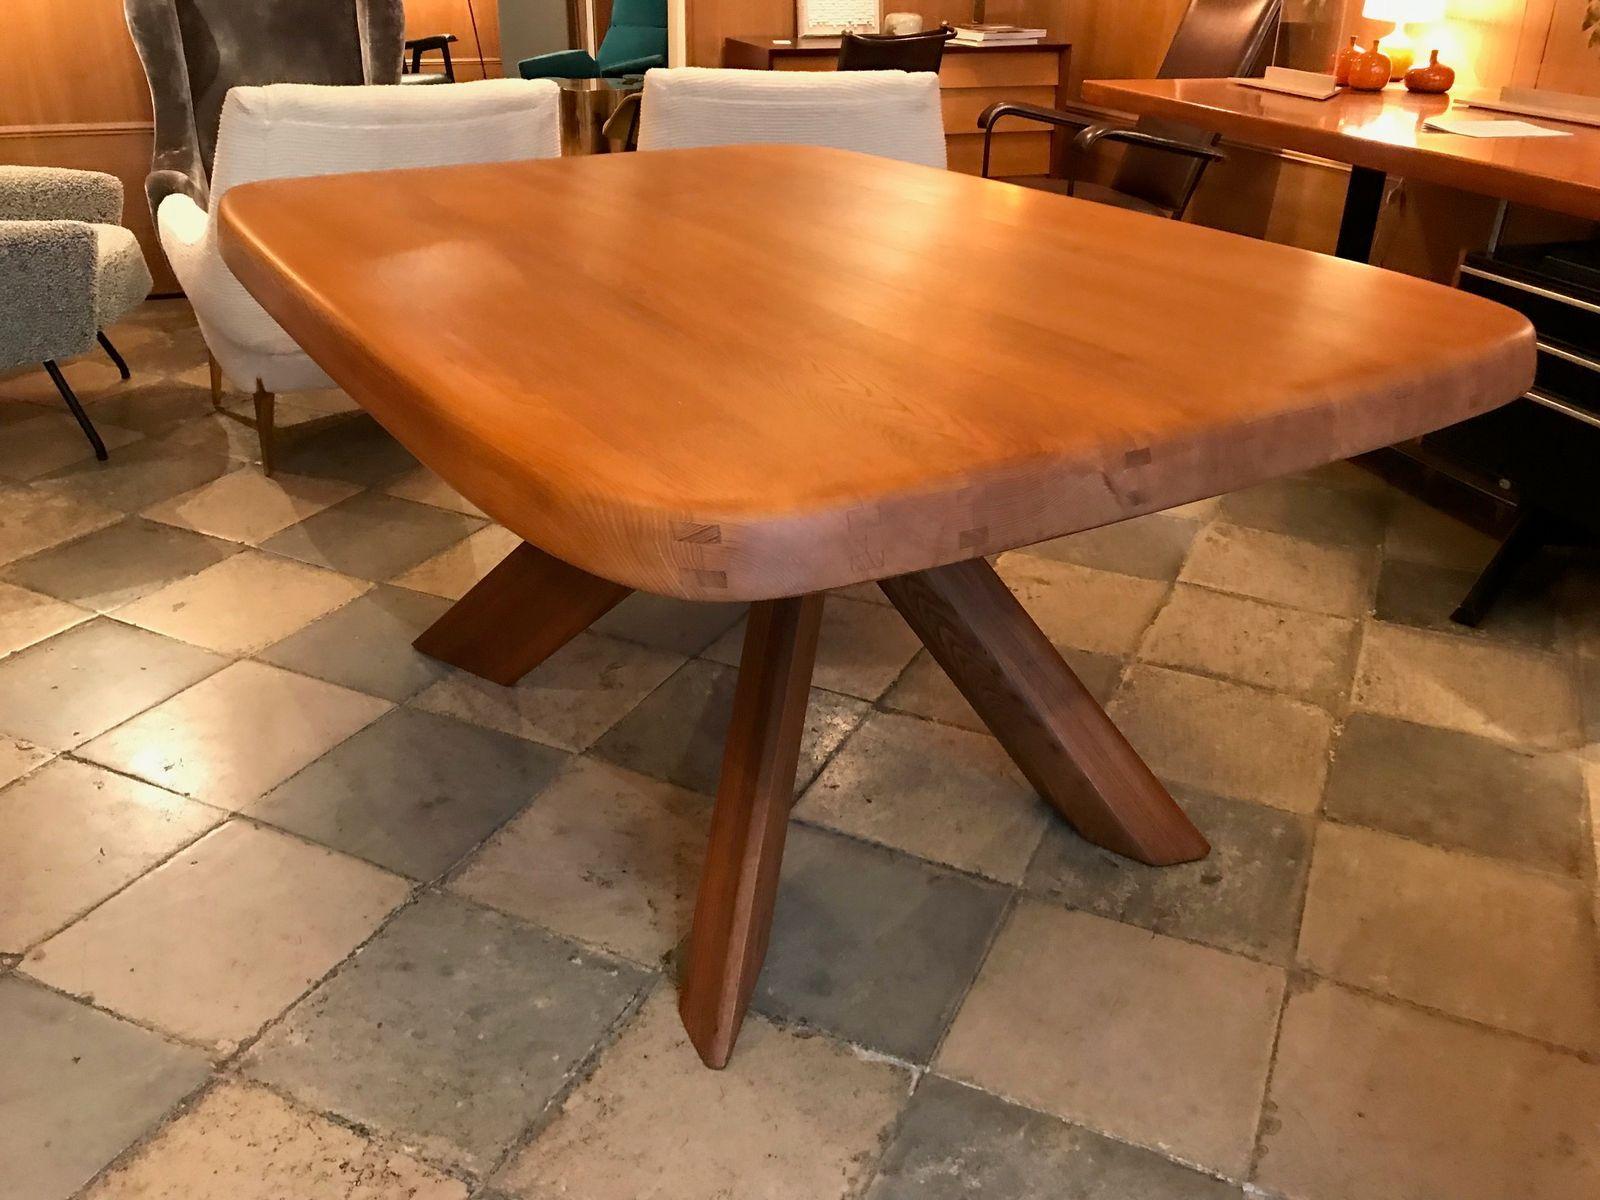 Esstisch Stühle Holz Weiß Wohnzimmertisch Massivholz Buche Esstisch Stühle Holz Roller Tischgruppe Doris Esstis Stuhl Holz Stuhl Design Esstisch Stühle